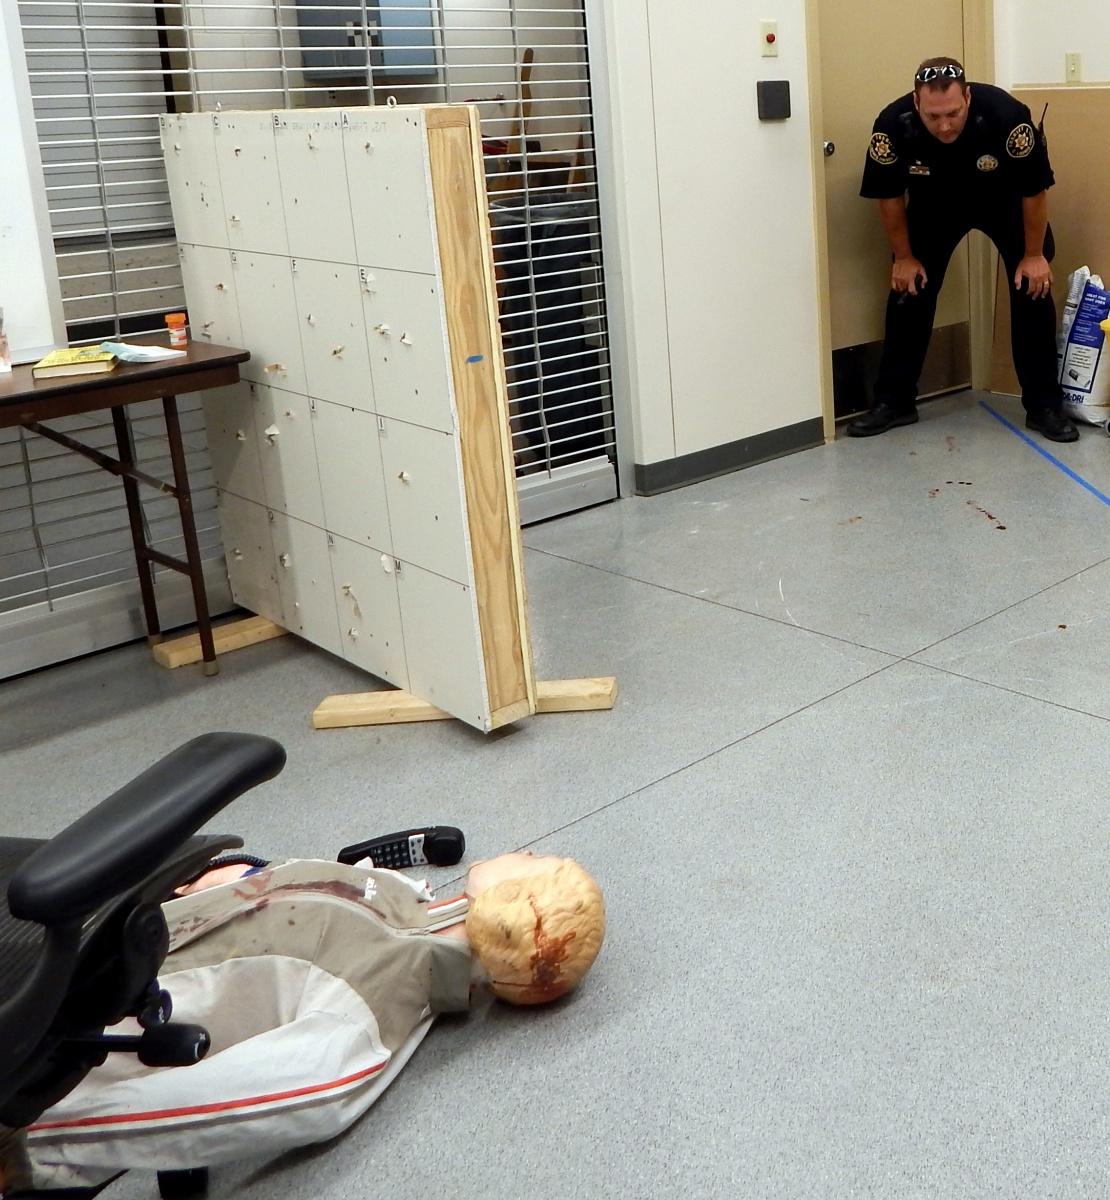 Image 3: Crime scene investigation